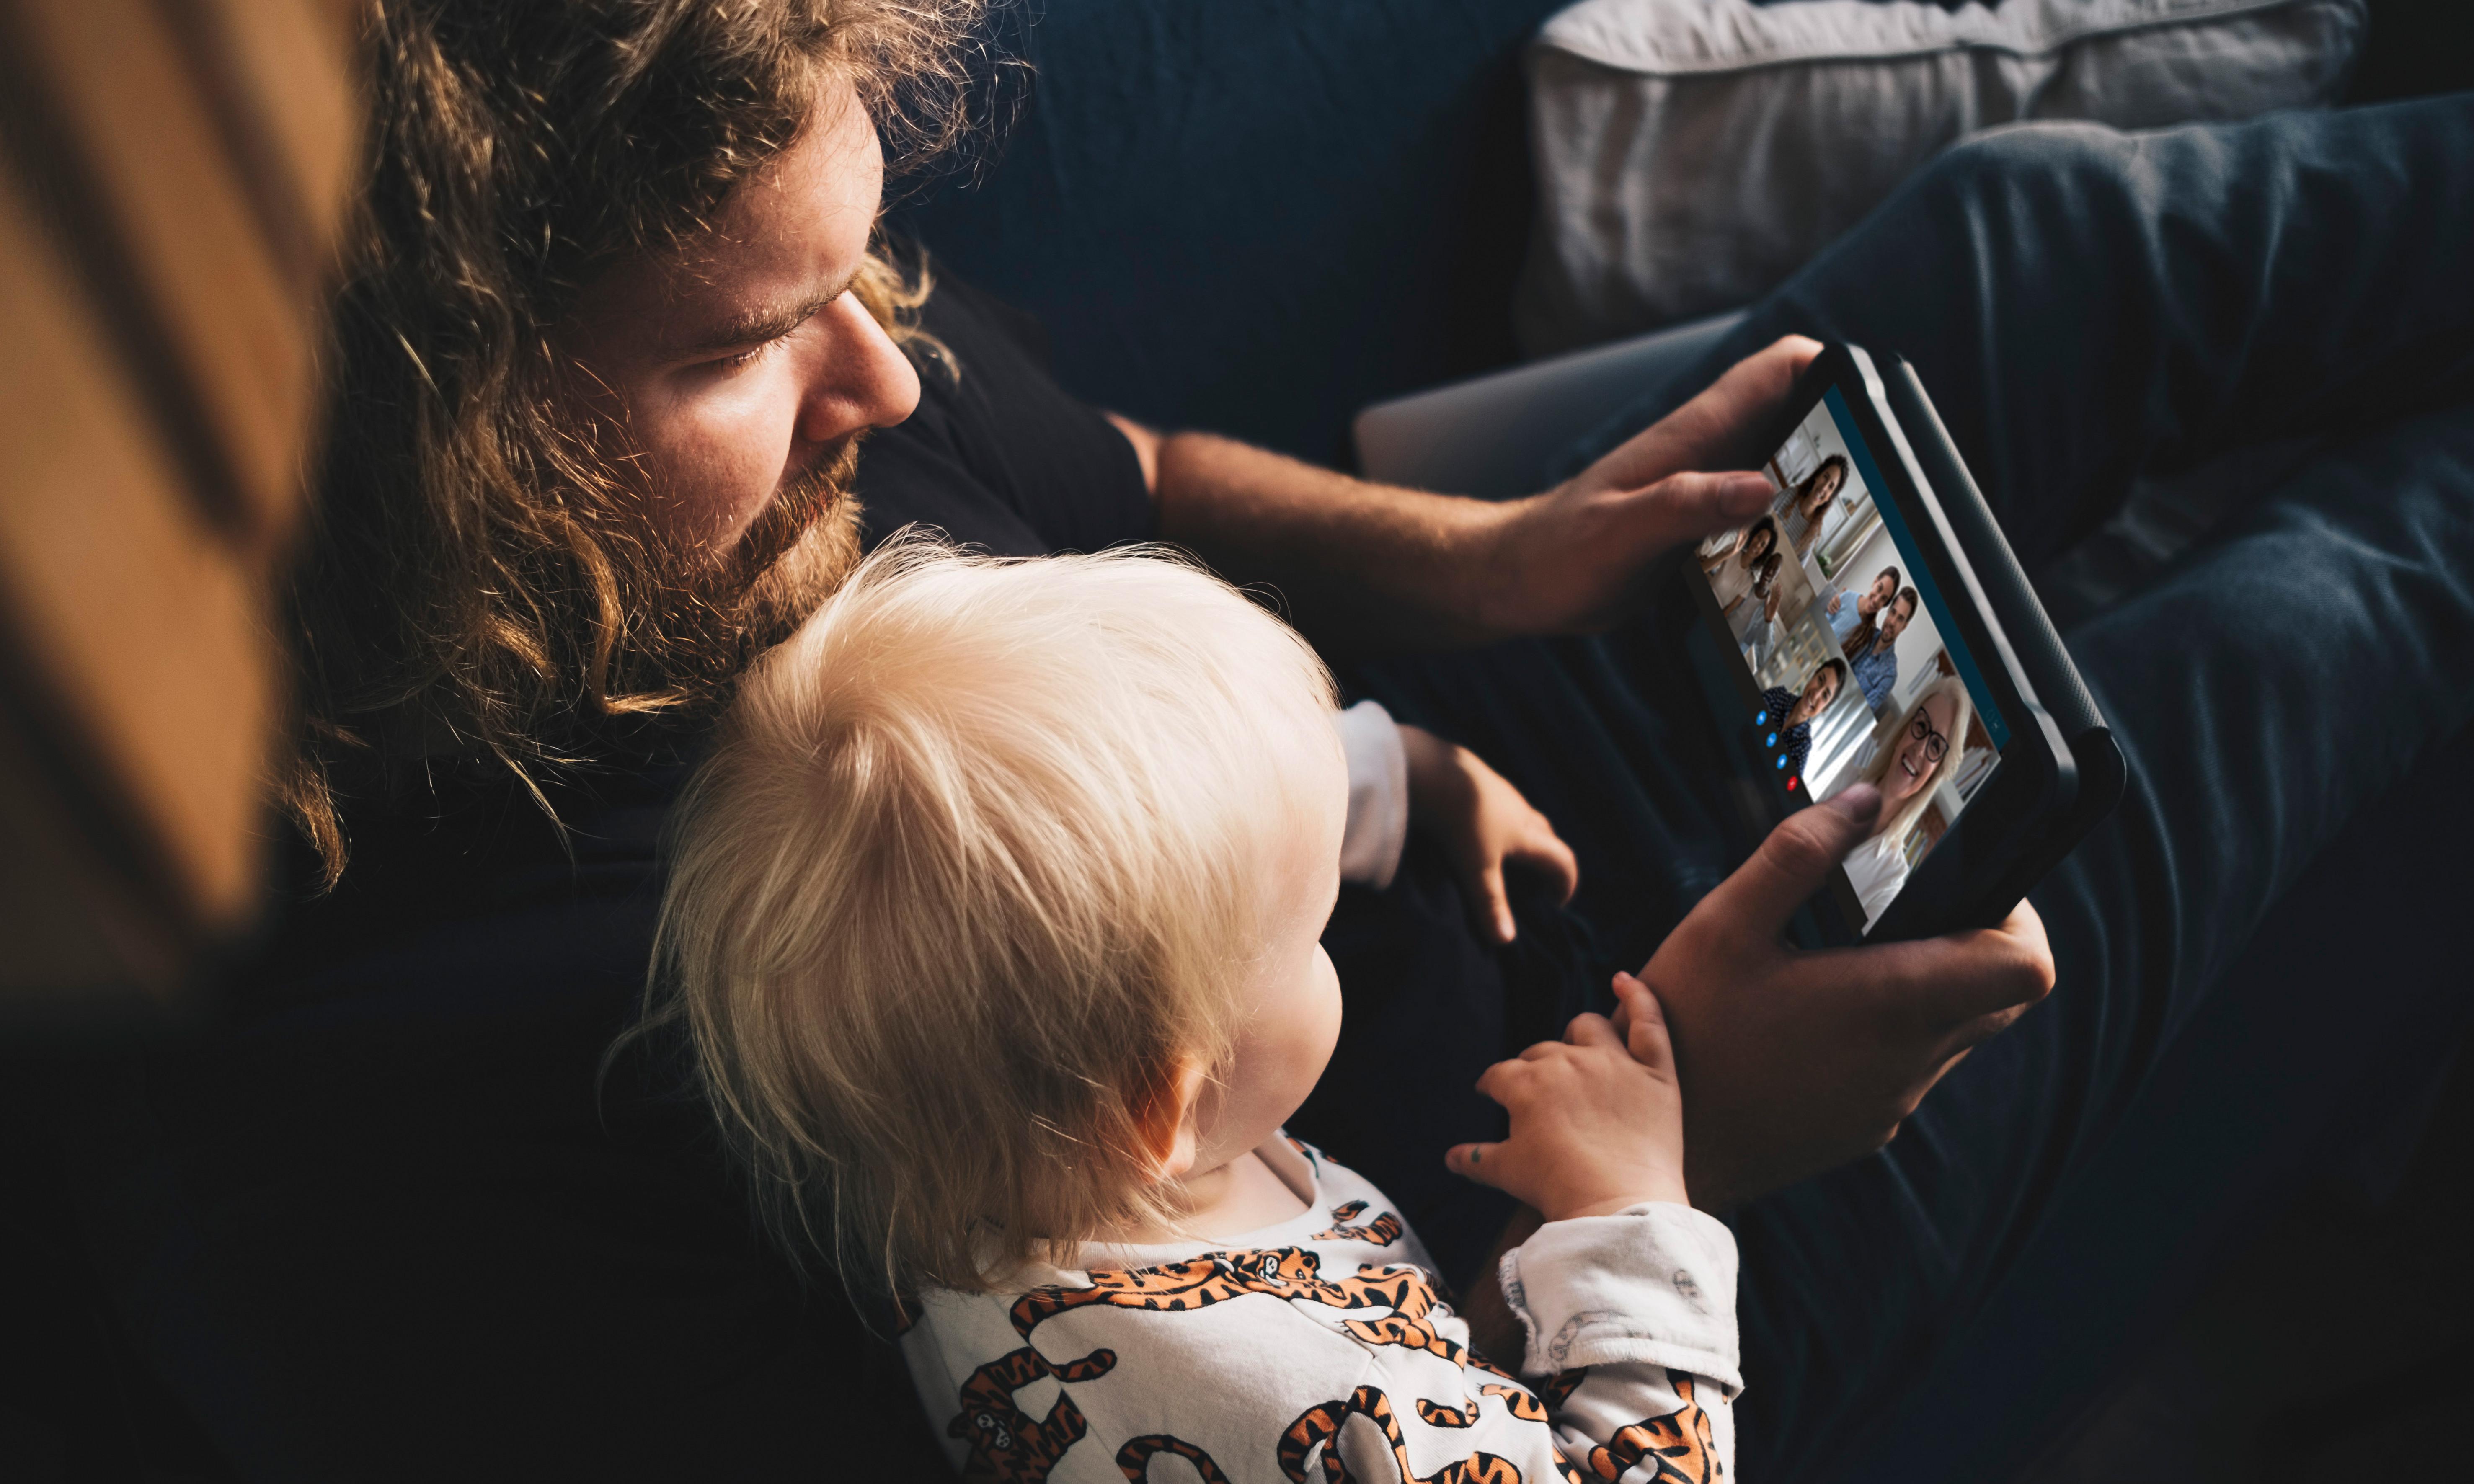 Ein Kind und Erwachsener sitzen gemeinsam und schauen auf ein Tablet.